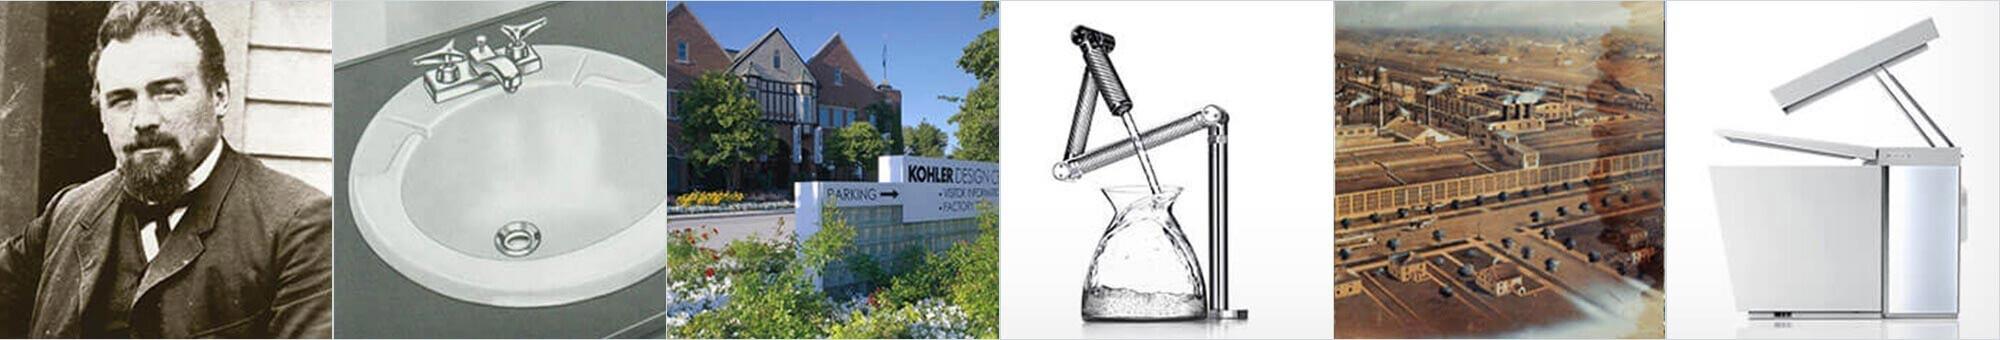 KOHLER Founder | KOHLER® LuxStone Shower